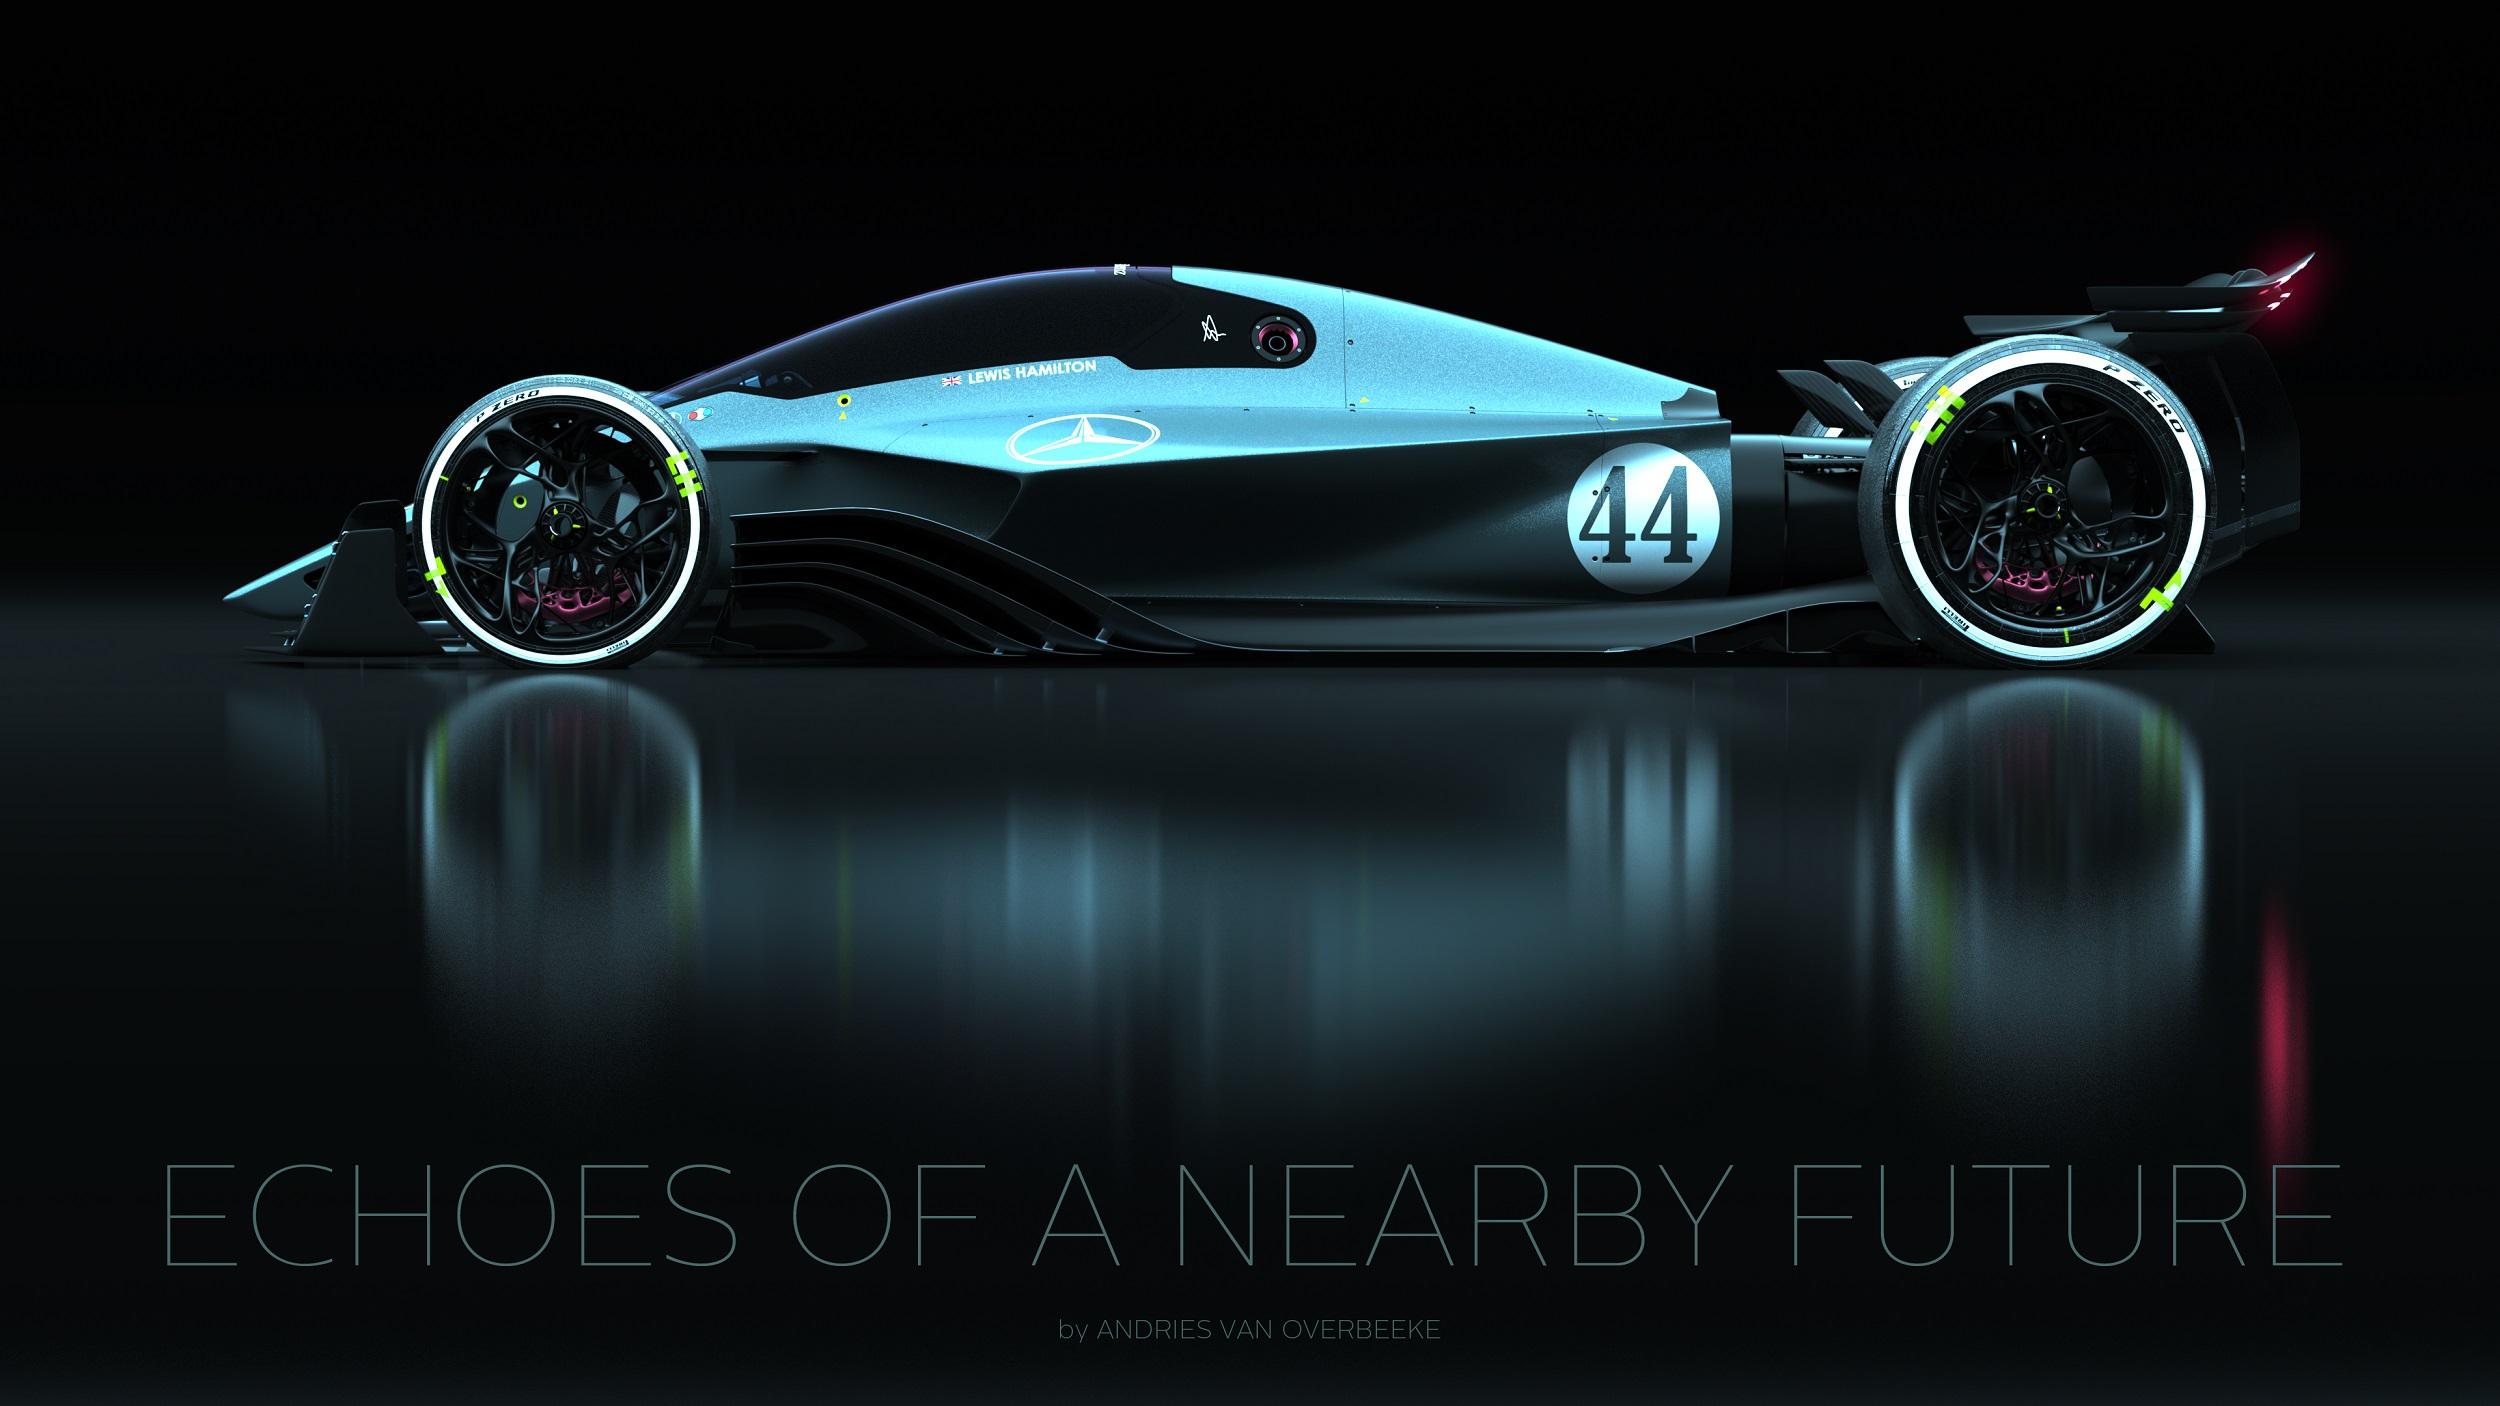 Mercedes-AMG Petronas F1 Rendering | Source: Andries van Overbeeke